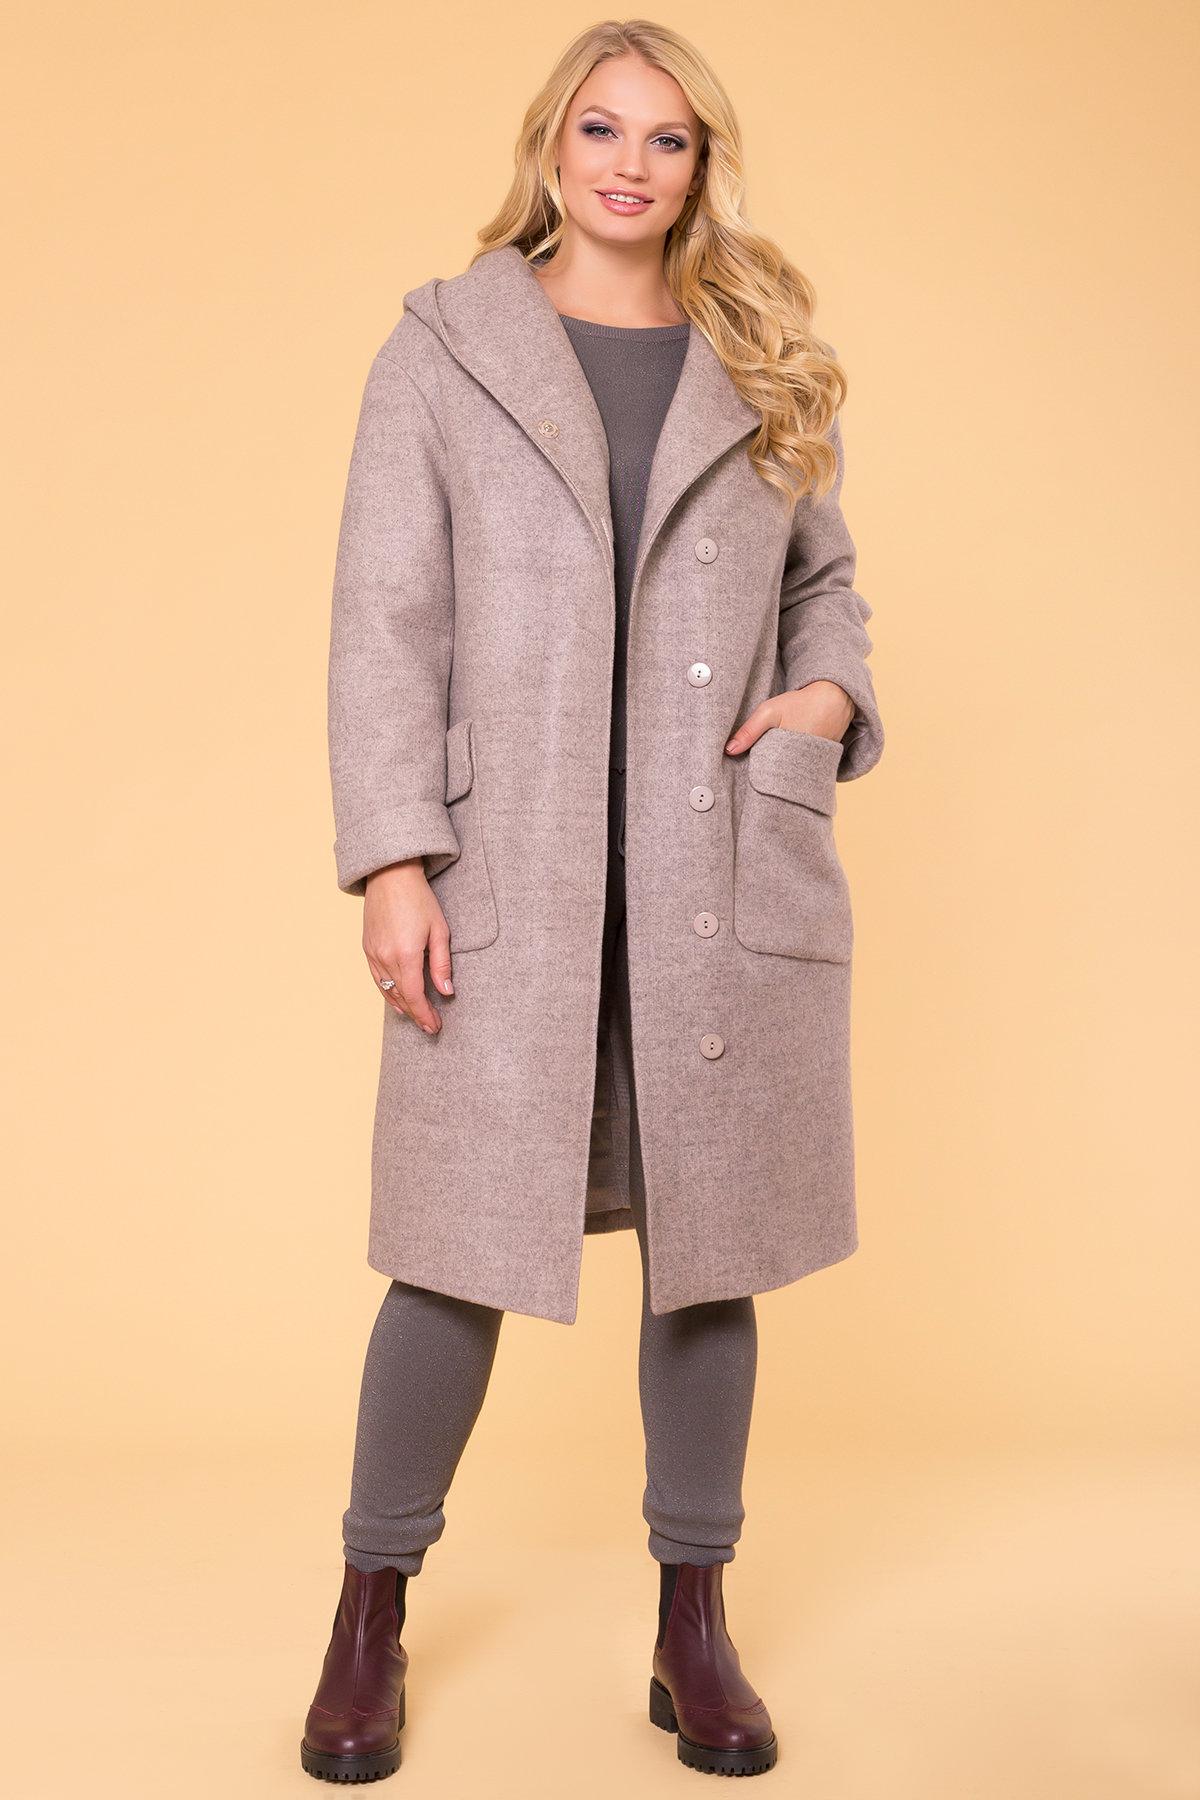 Пальто зима Анджи DONNA 5612 АРТ. 40691 Цвет: Бежевый 31 - фото 3, интернет магазин tm-modus.ru